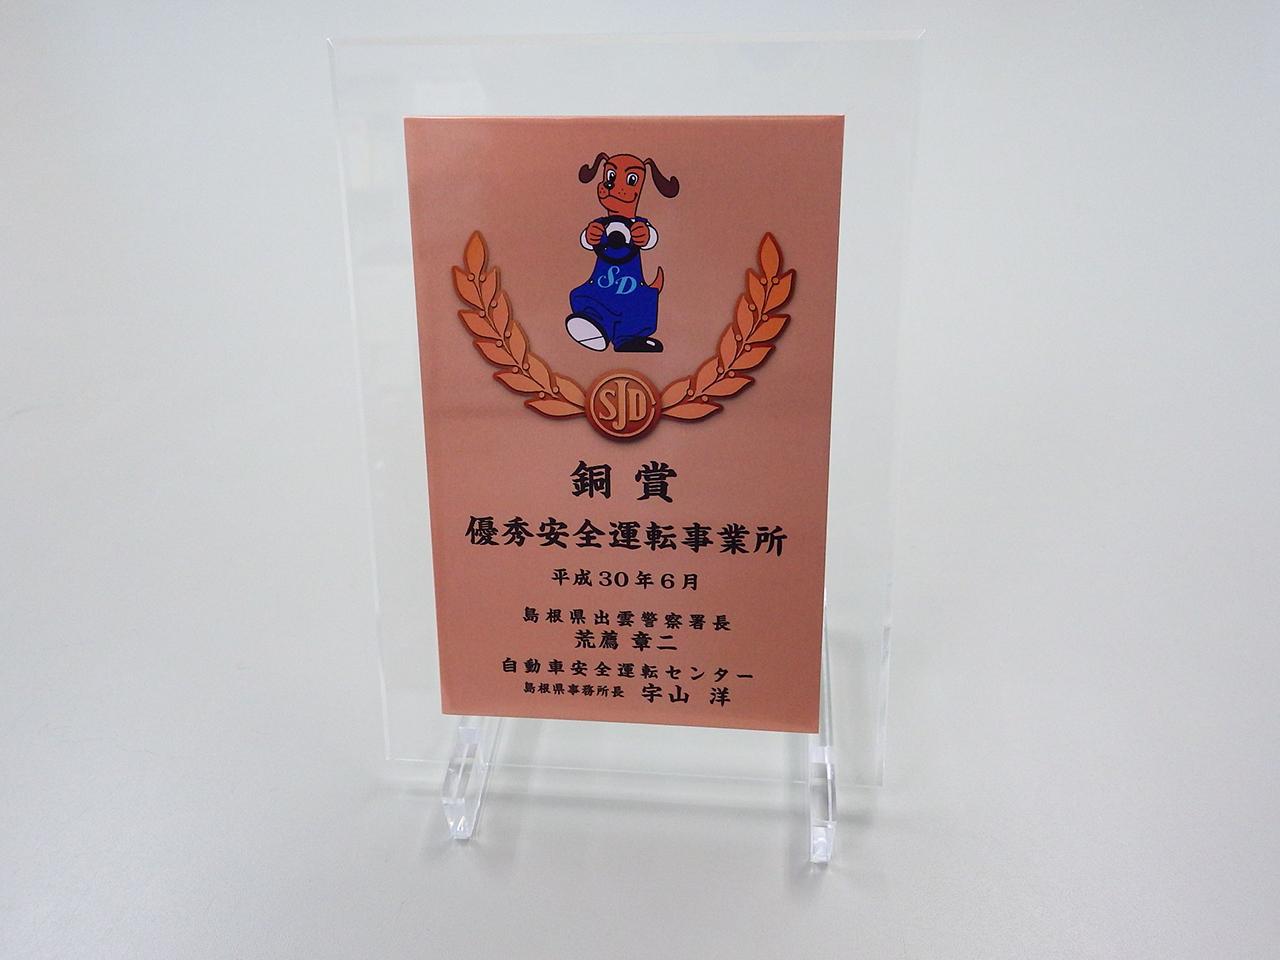 出雲警察署から表彰いただきました。